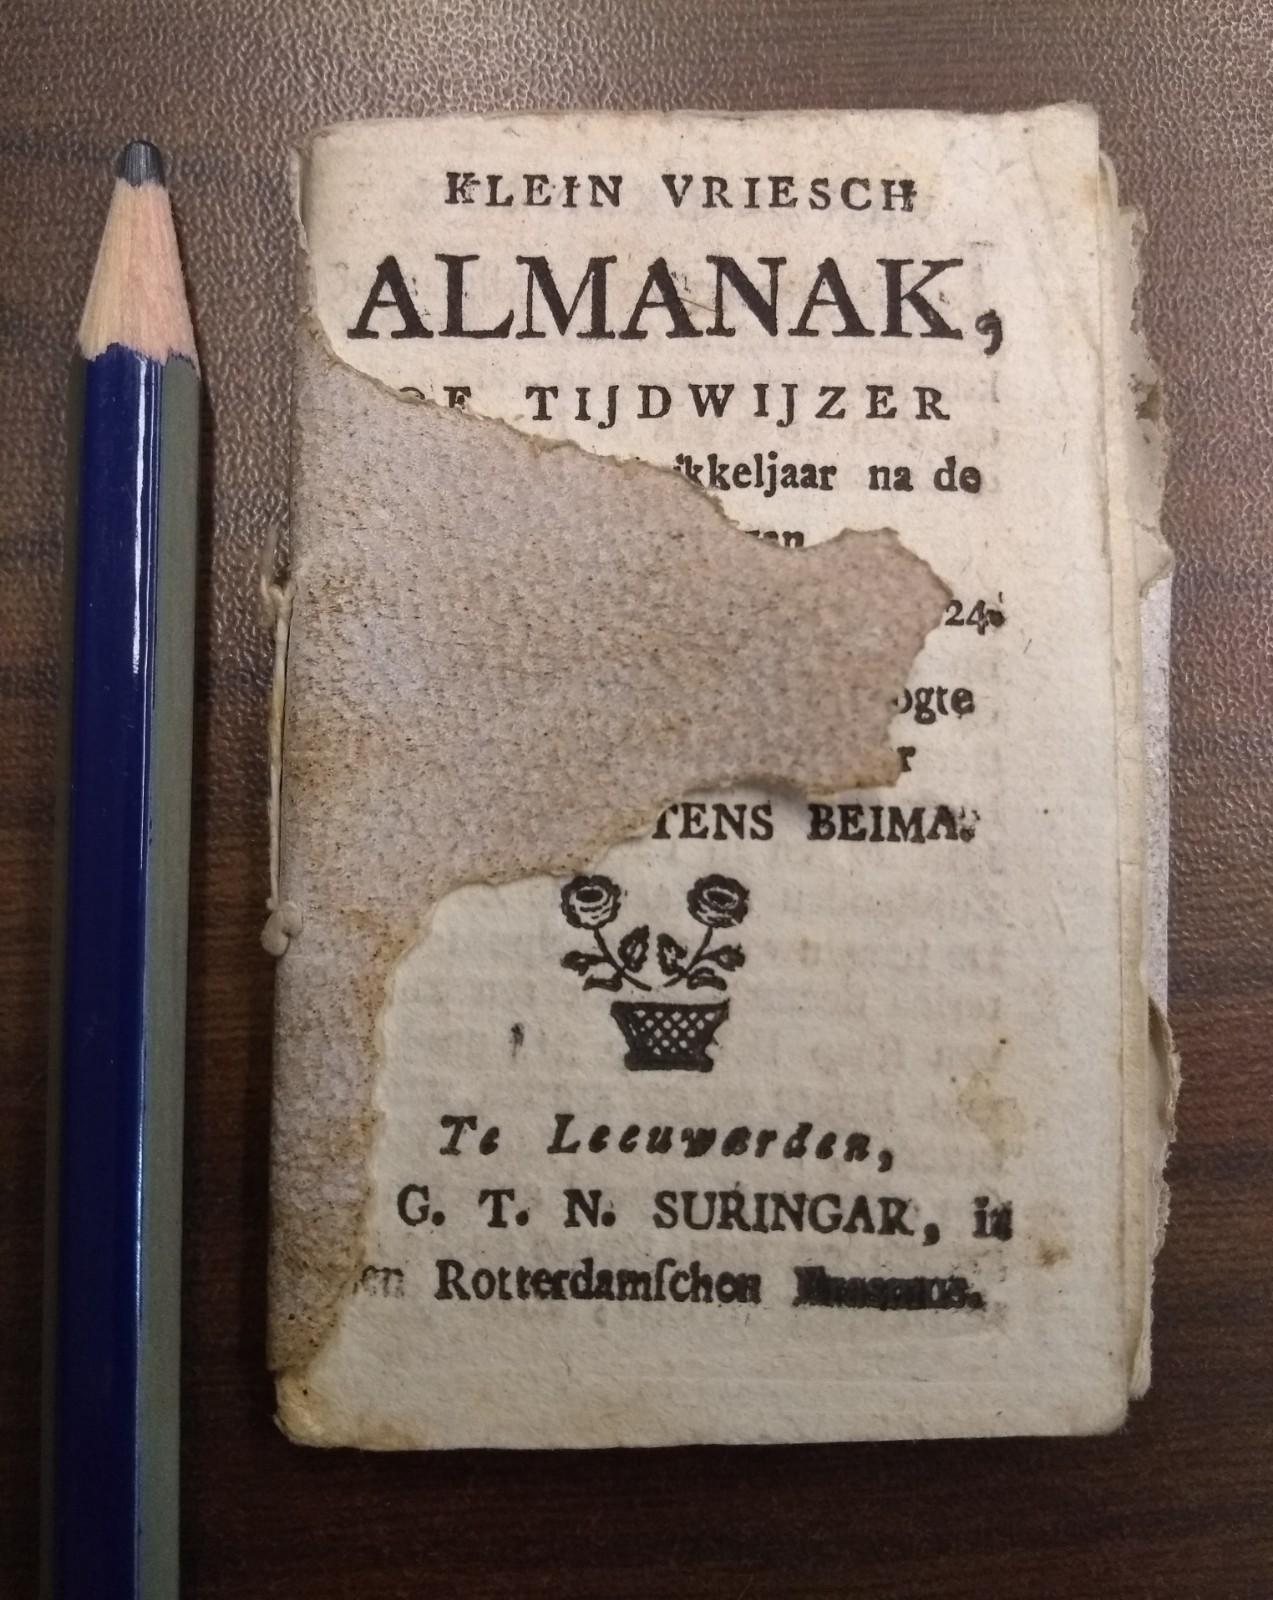 BEIMA, ELTE MARTENS, Klein Vriesch Alamanak, of tijdwijzer voor het Schrikkeljaar na de Geboorte van Jezus Christus, 1824. Berekend op de Poolshoogte van Leeuwarden, door Elte Martens Beima.